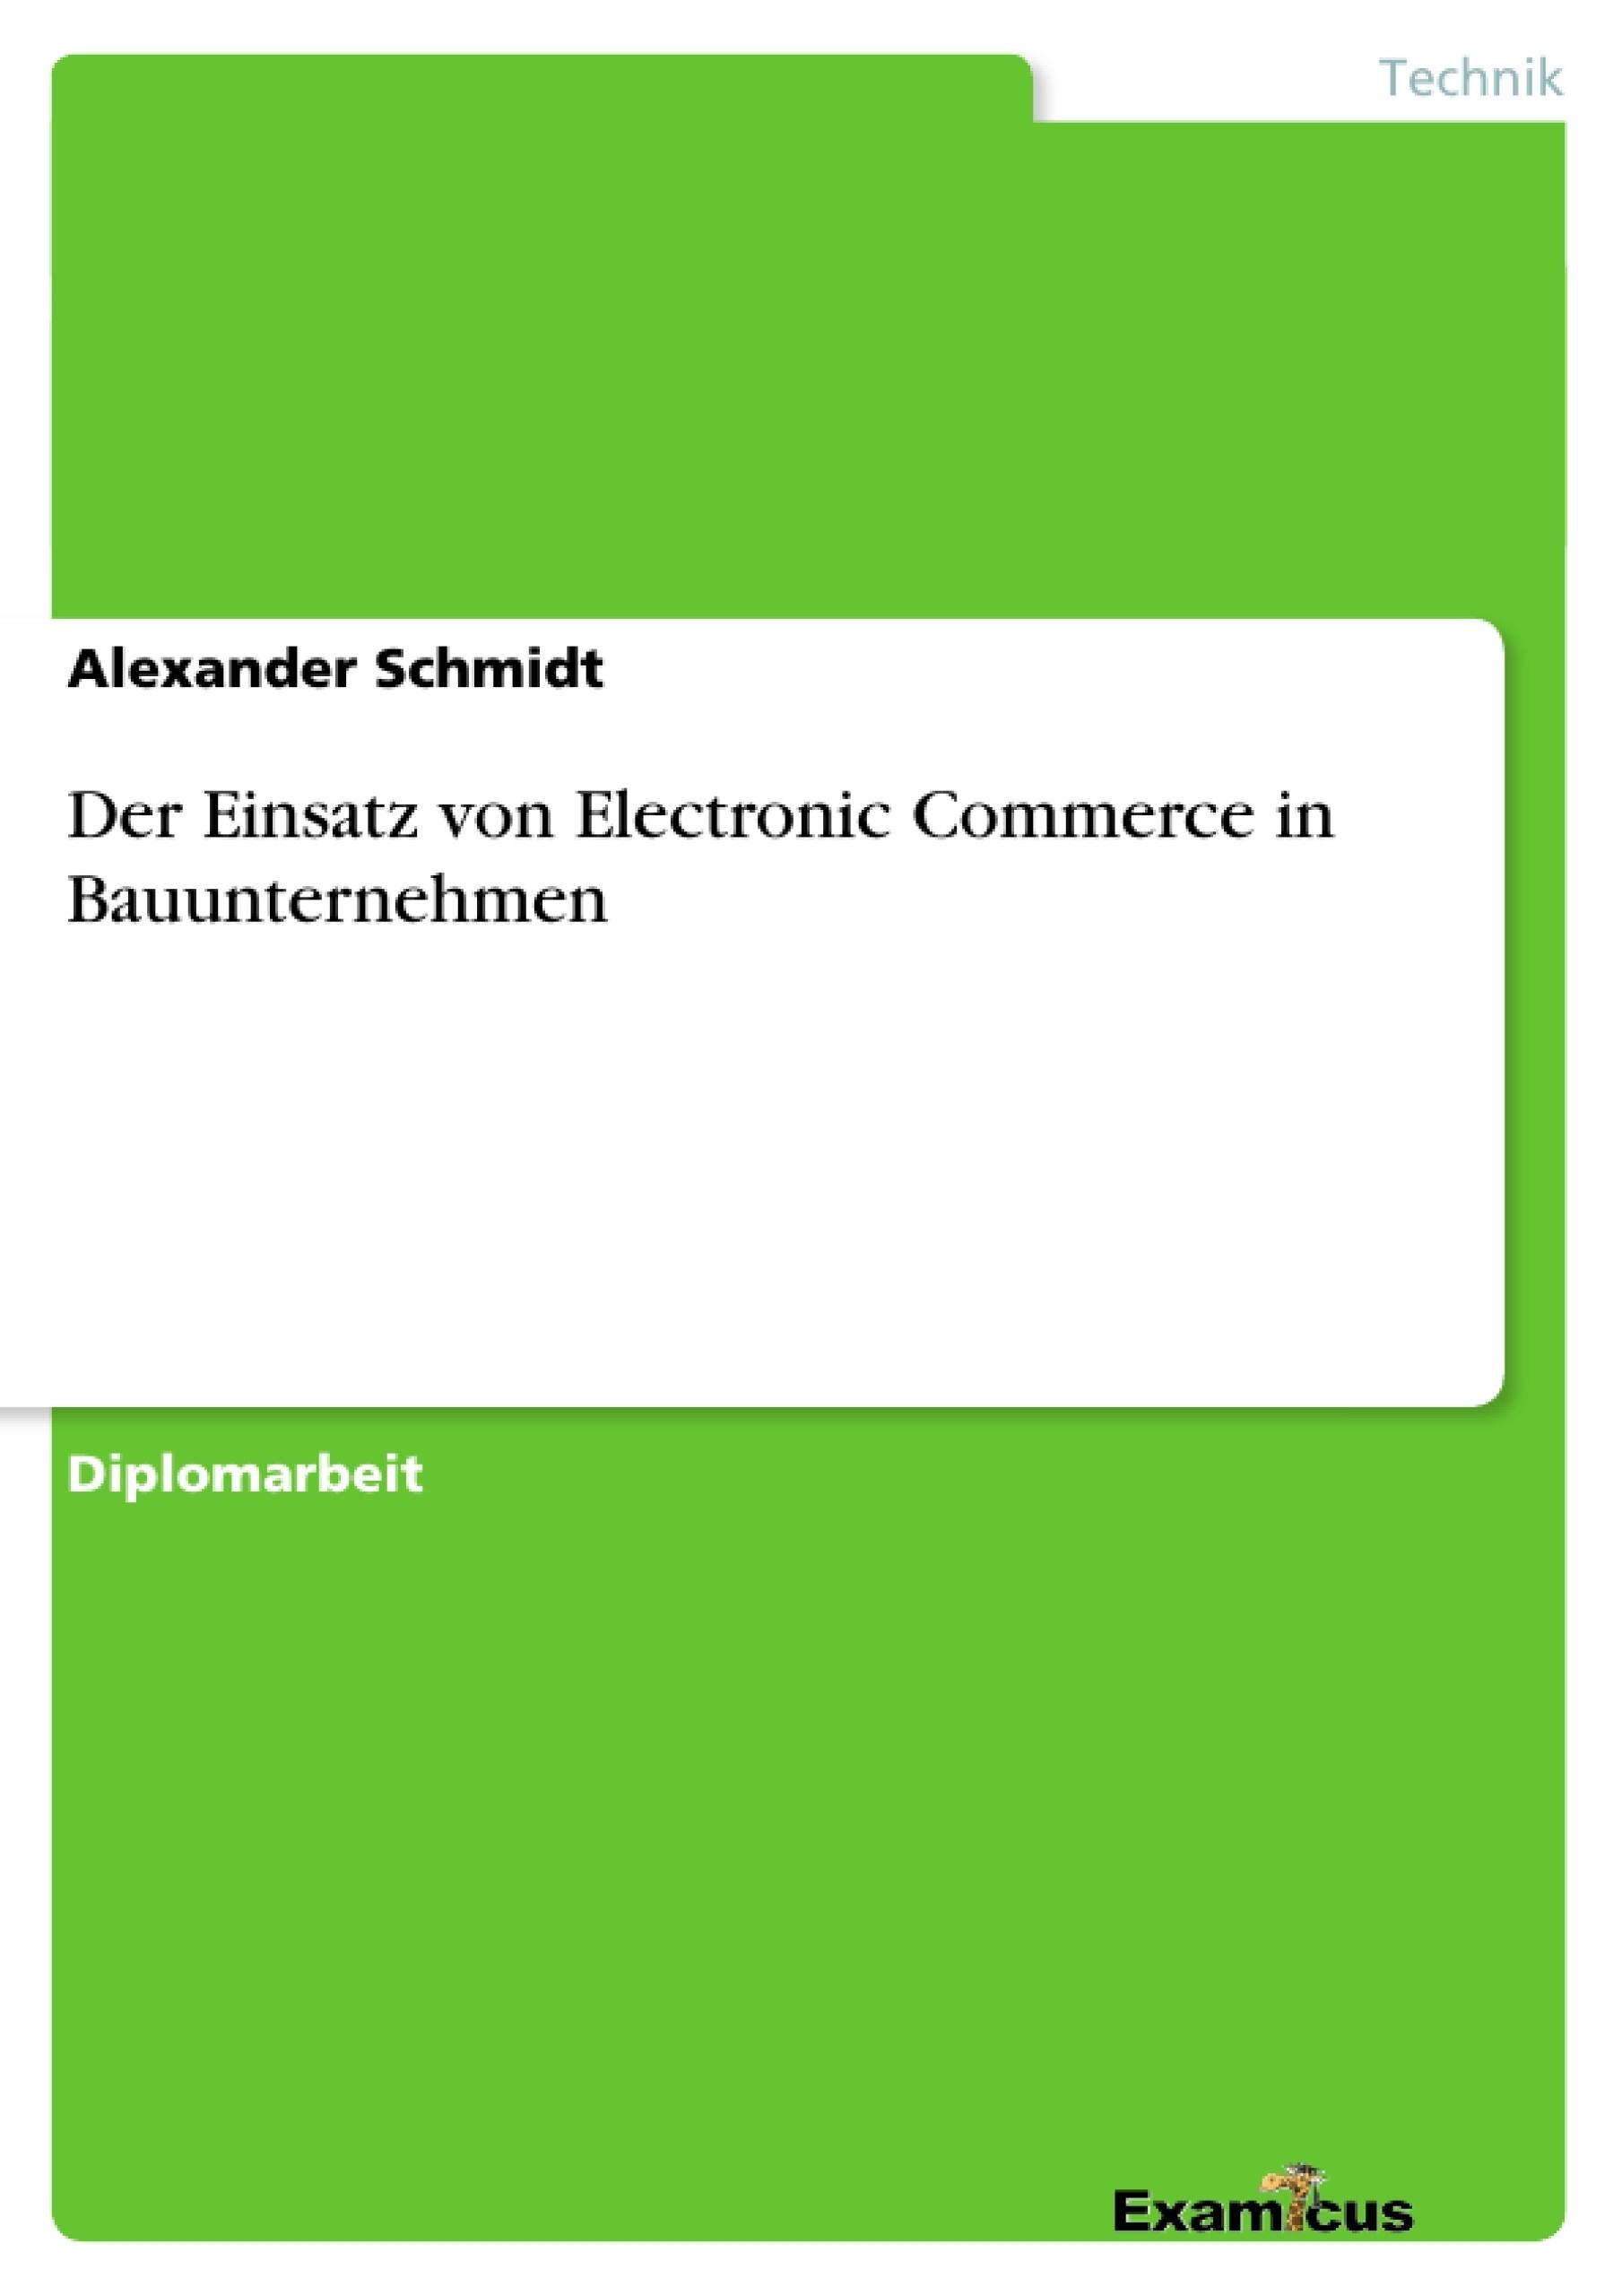 Titel: Der Einsatz von Electronic Commerce in Bauunternehmen